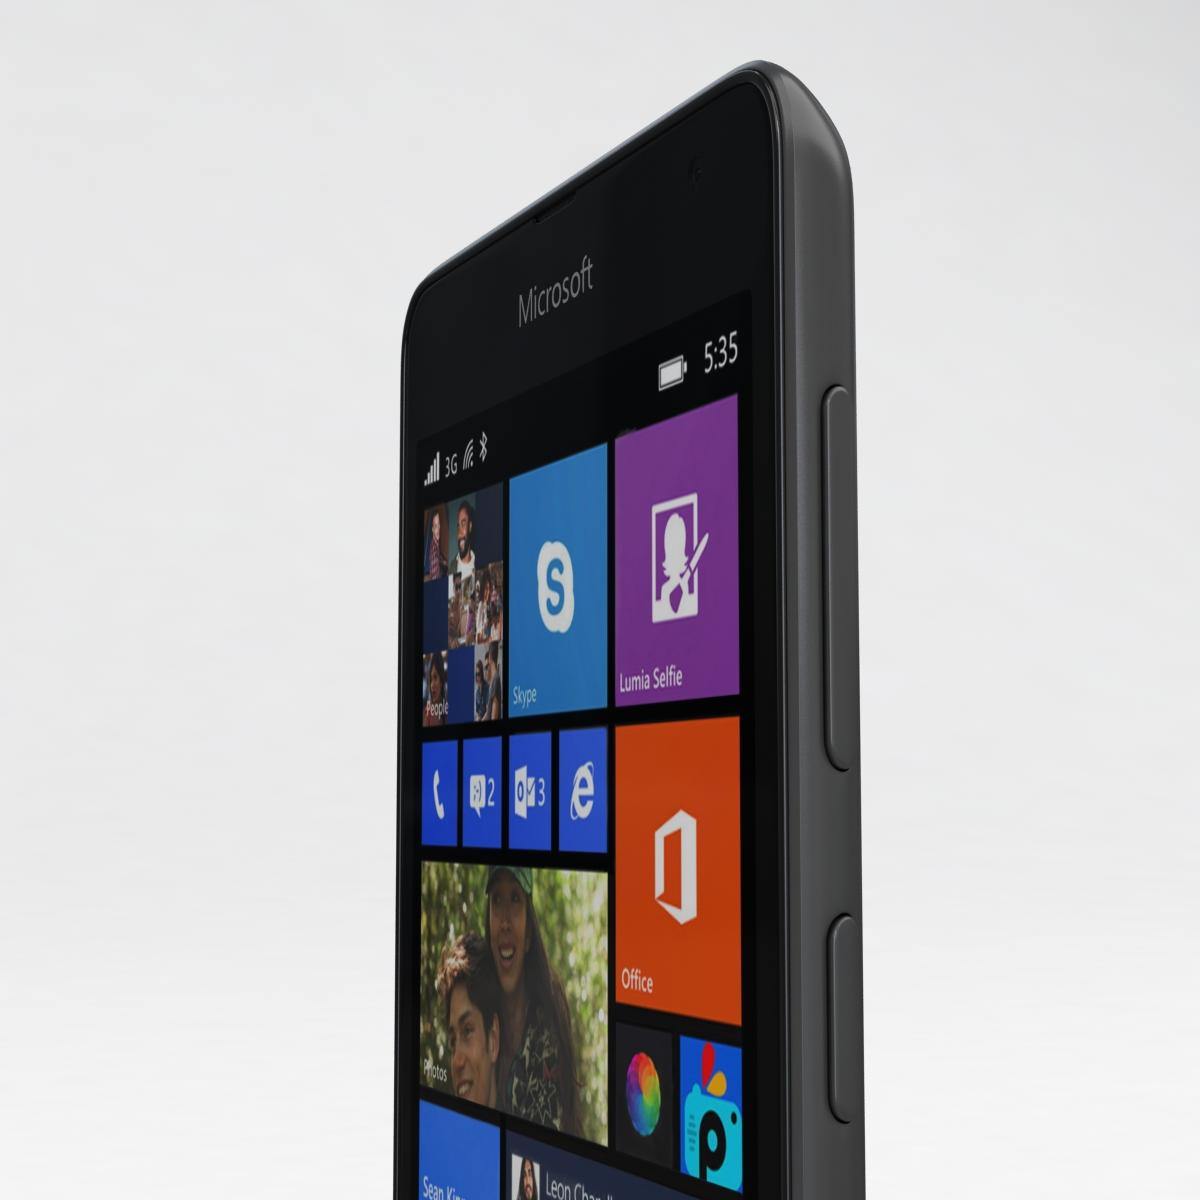 microsoft lumia 535 and dual sim gray 3d model 3ds max fbx c4d obj 204472